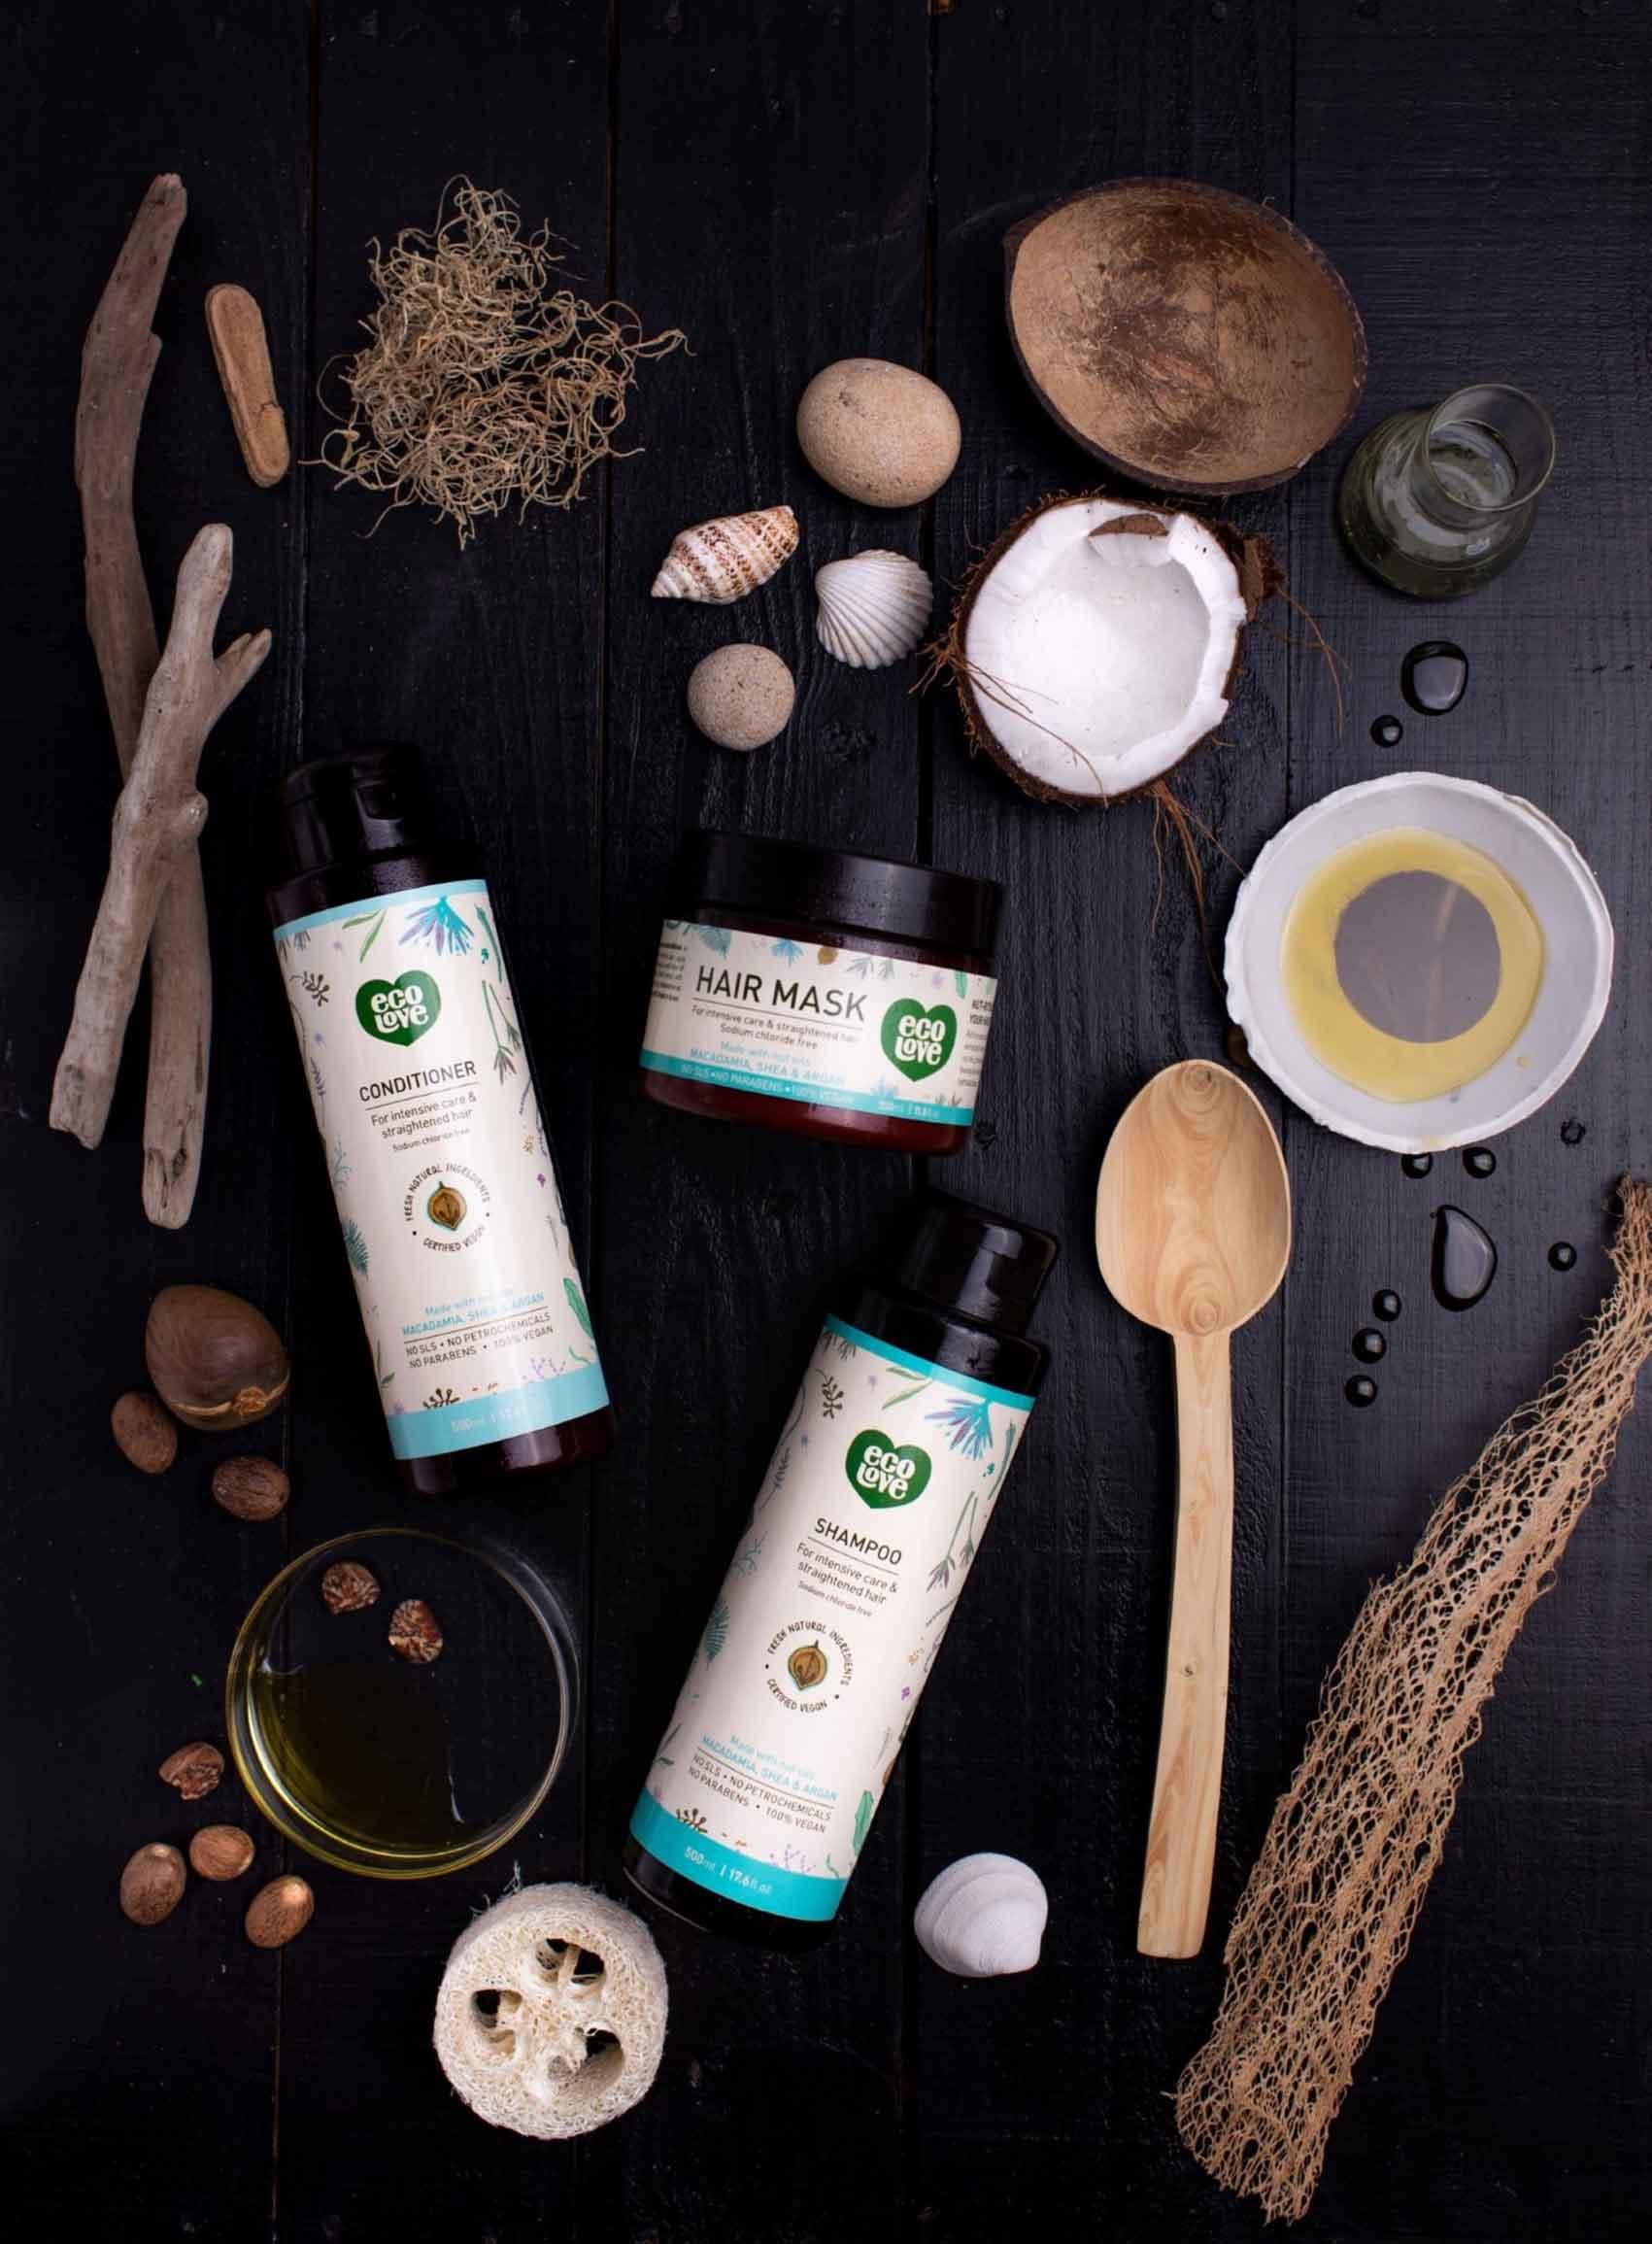 ecoLove-מוצרי-שיער-על בסיס-שמן-אגוזים-טיפוח